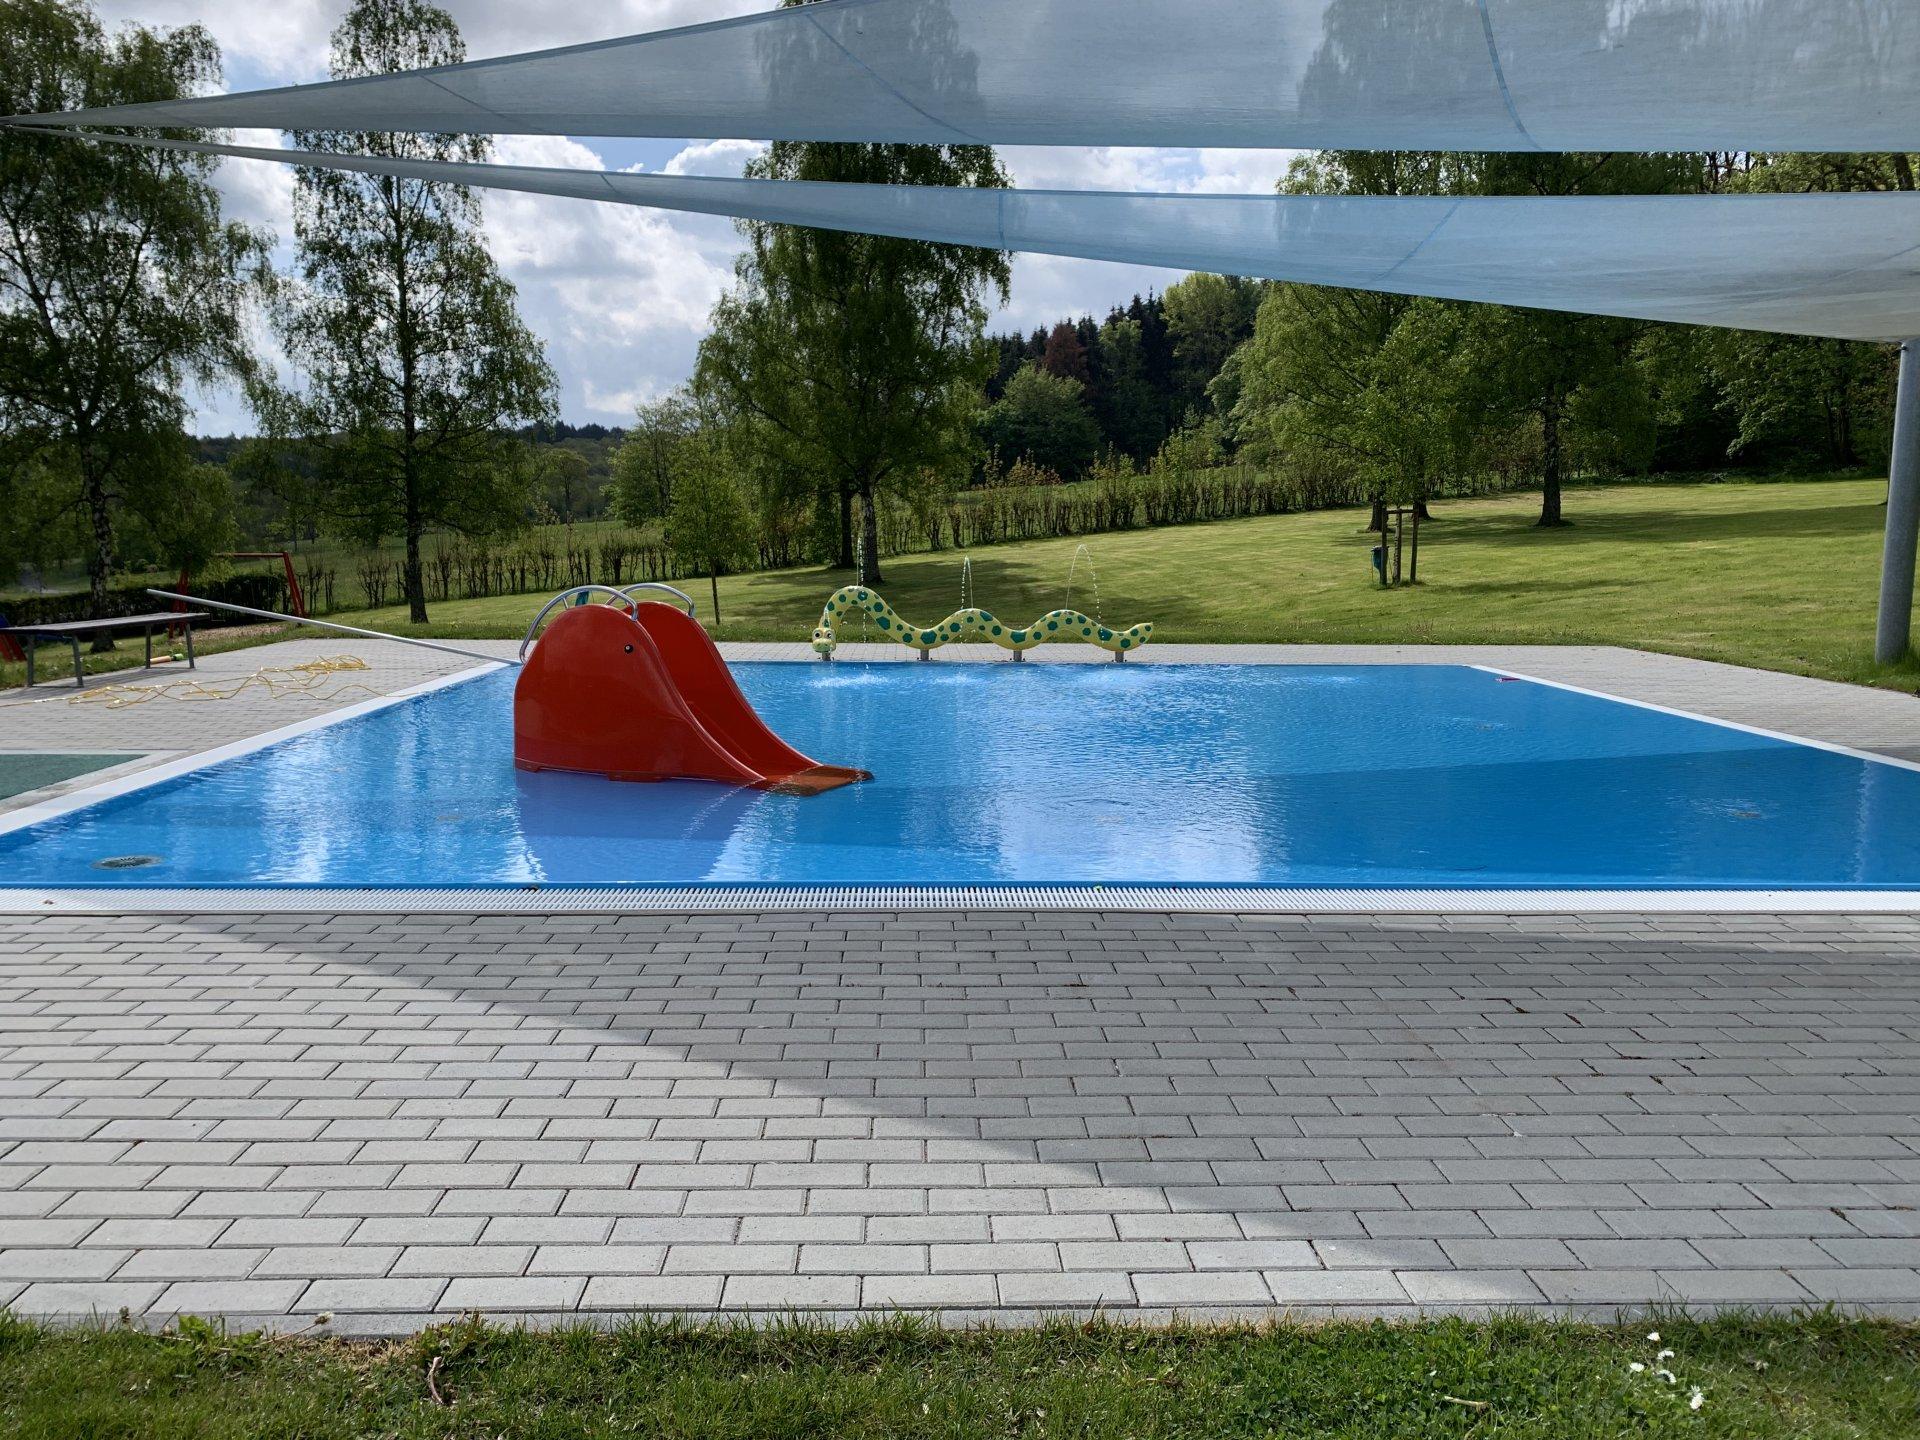 Indoorspielplatz Neu Anspach